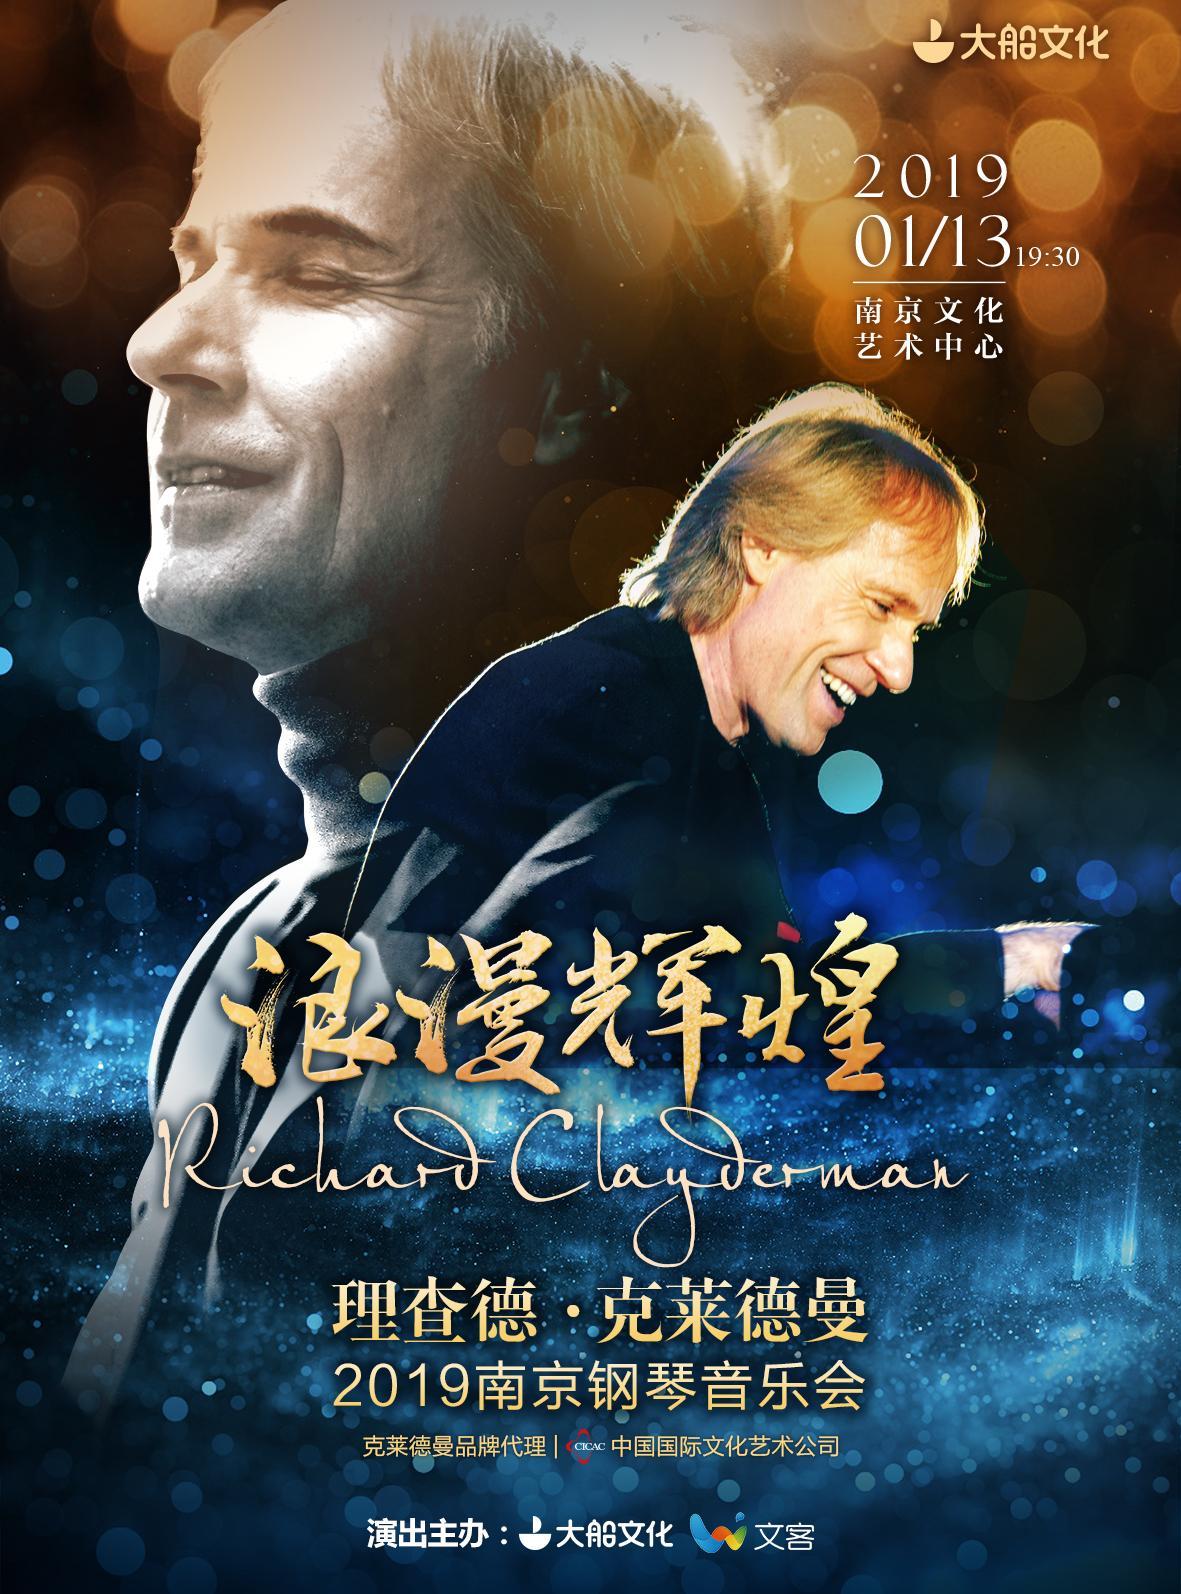 理查德克莱德曼钢琴音乐会